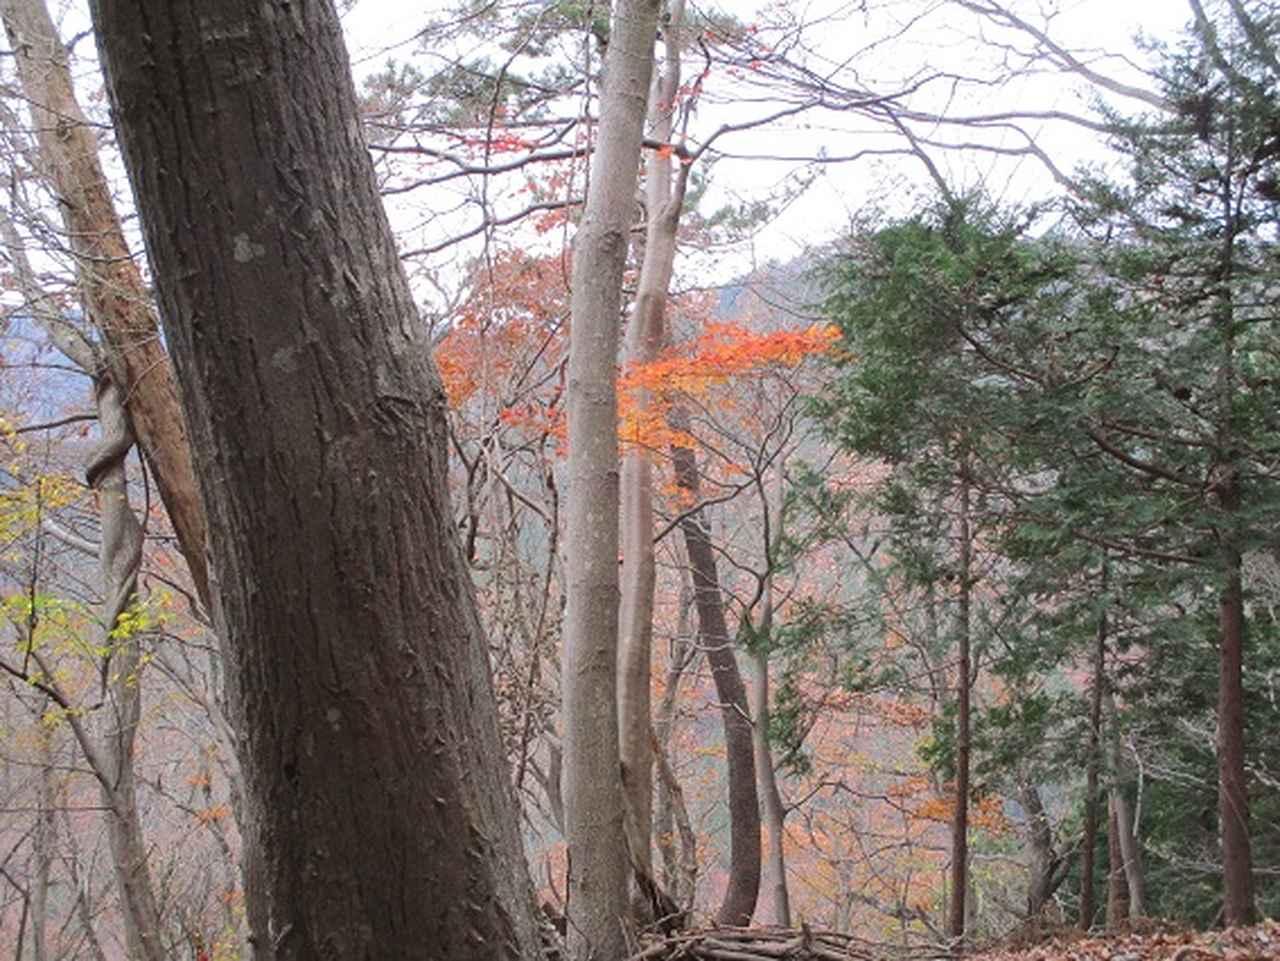 画像7: 先日12月10日に山旅会現地集合 「三ノ塔から三ノ塔尾根」 ツアーにいってまいりました!